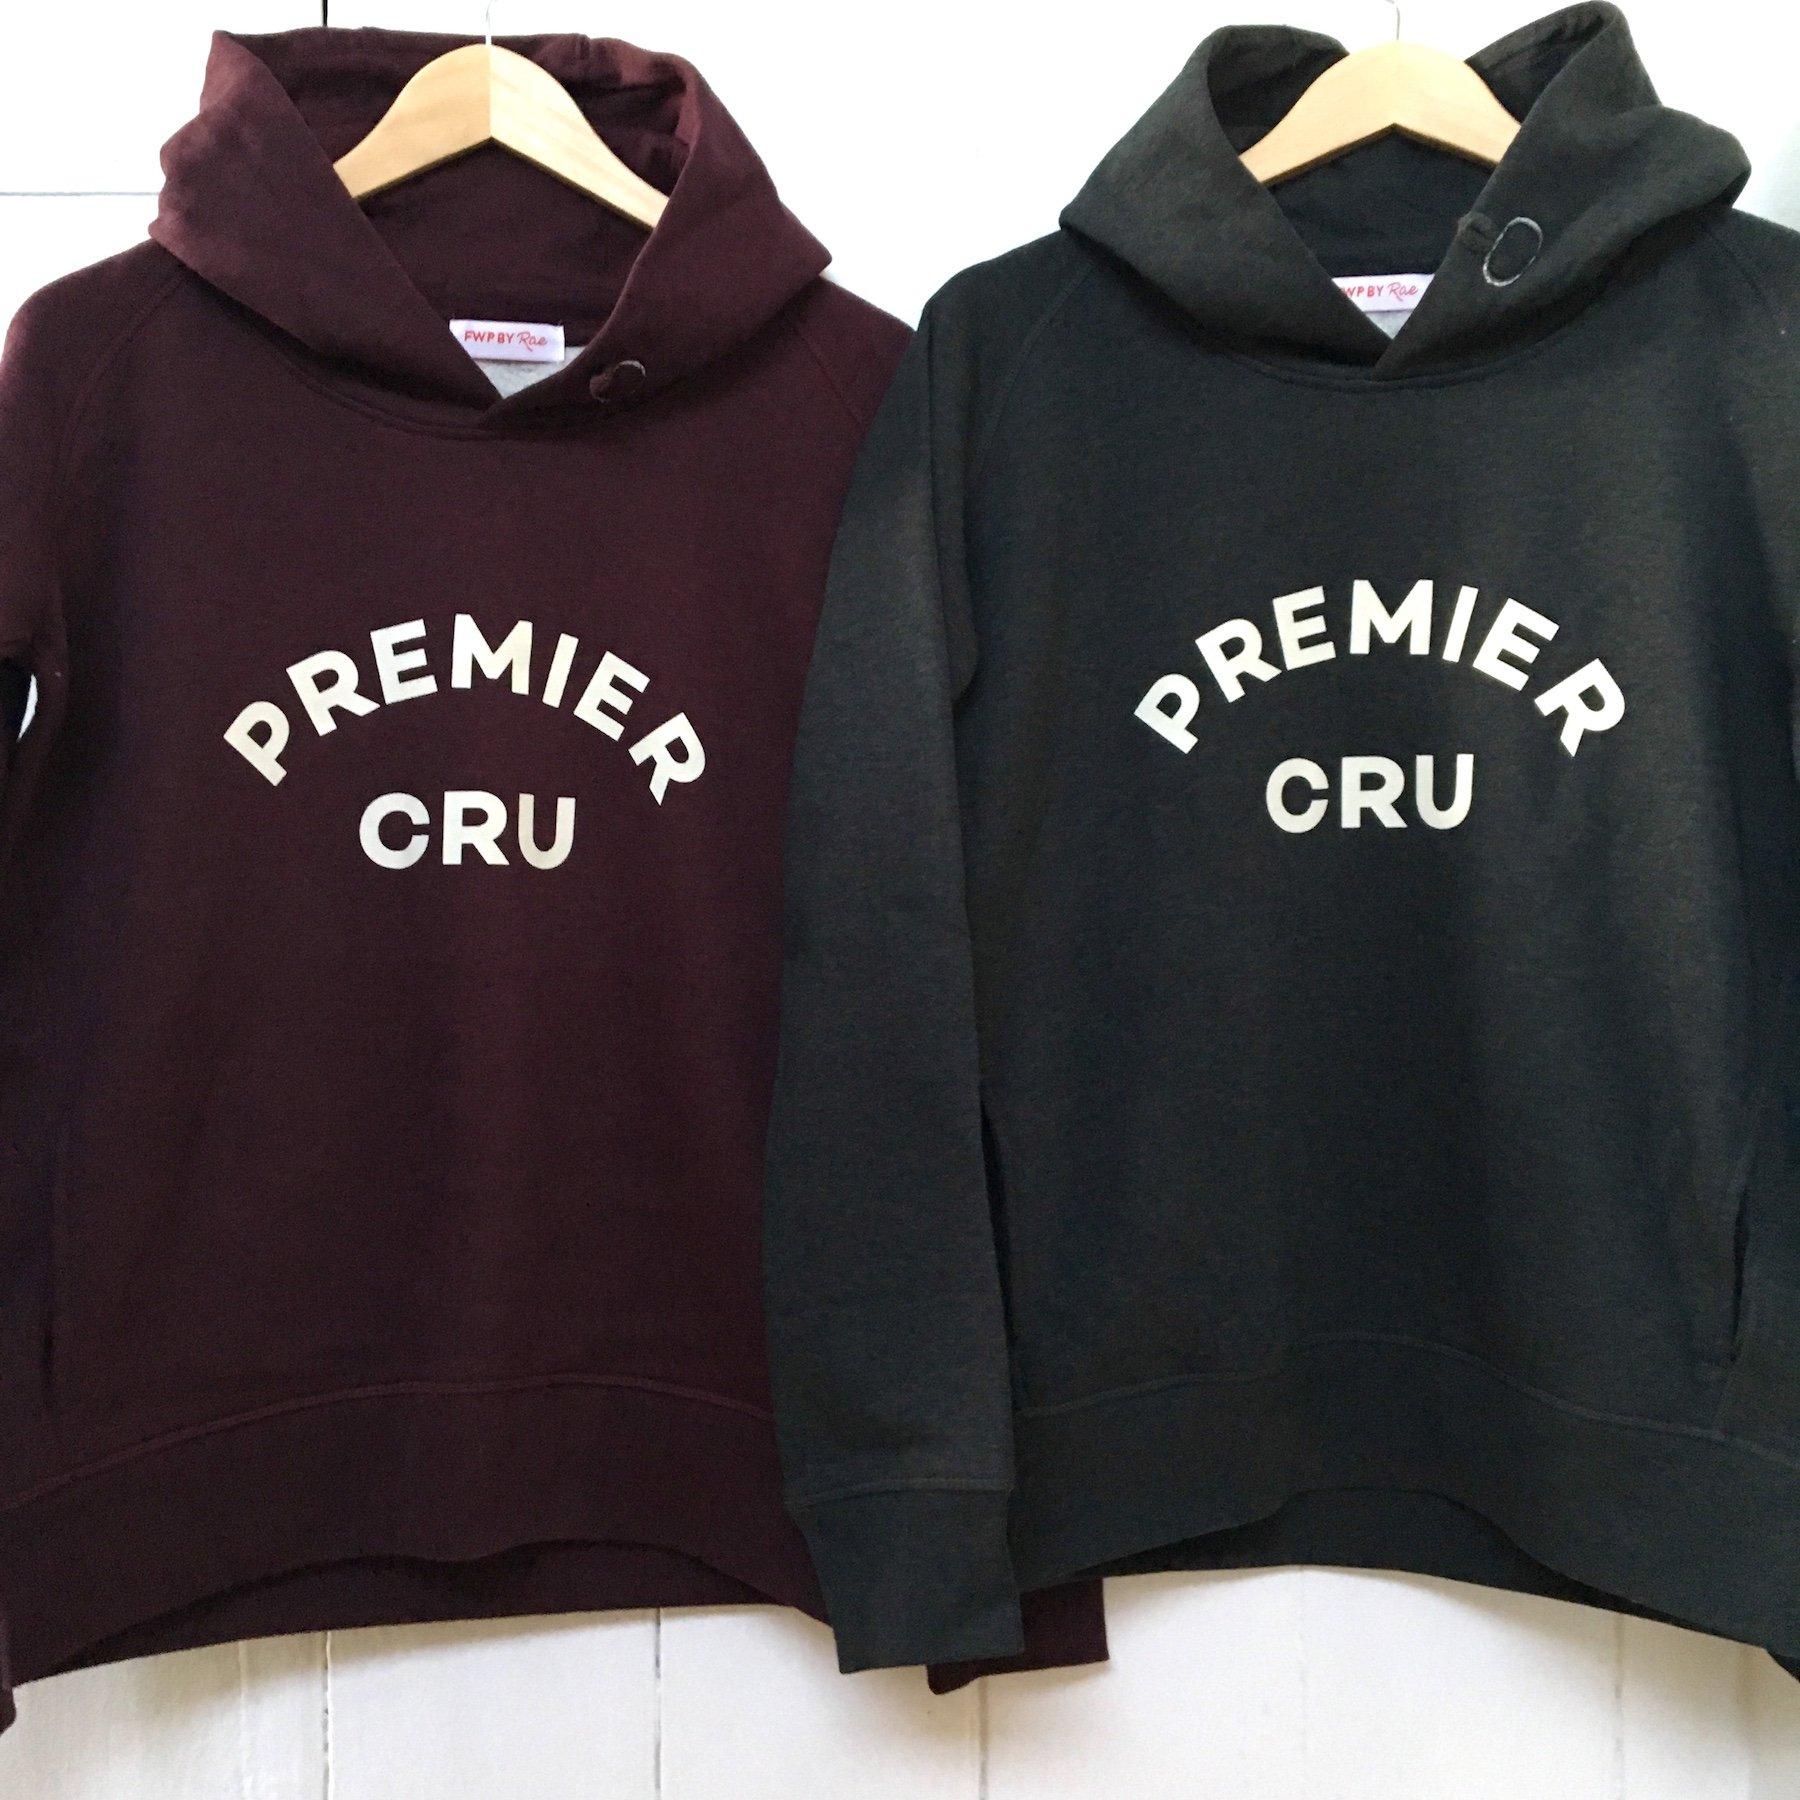 Premier Cru